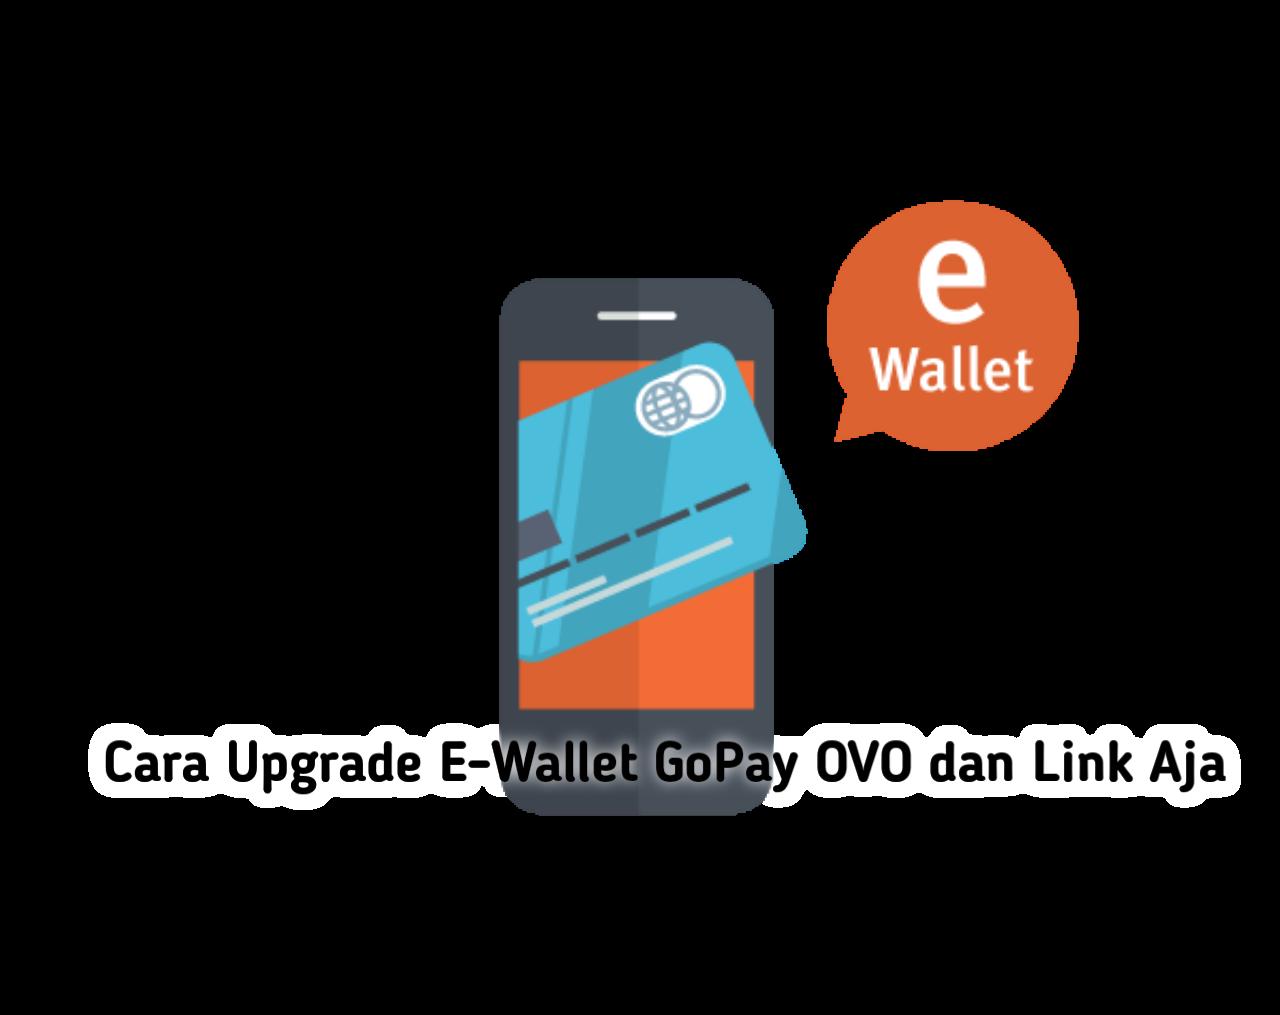 Cara Upgrade E Wallet Untuk Cairkan Dana Kartu Prakerja Trendingpluss